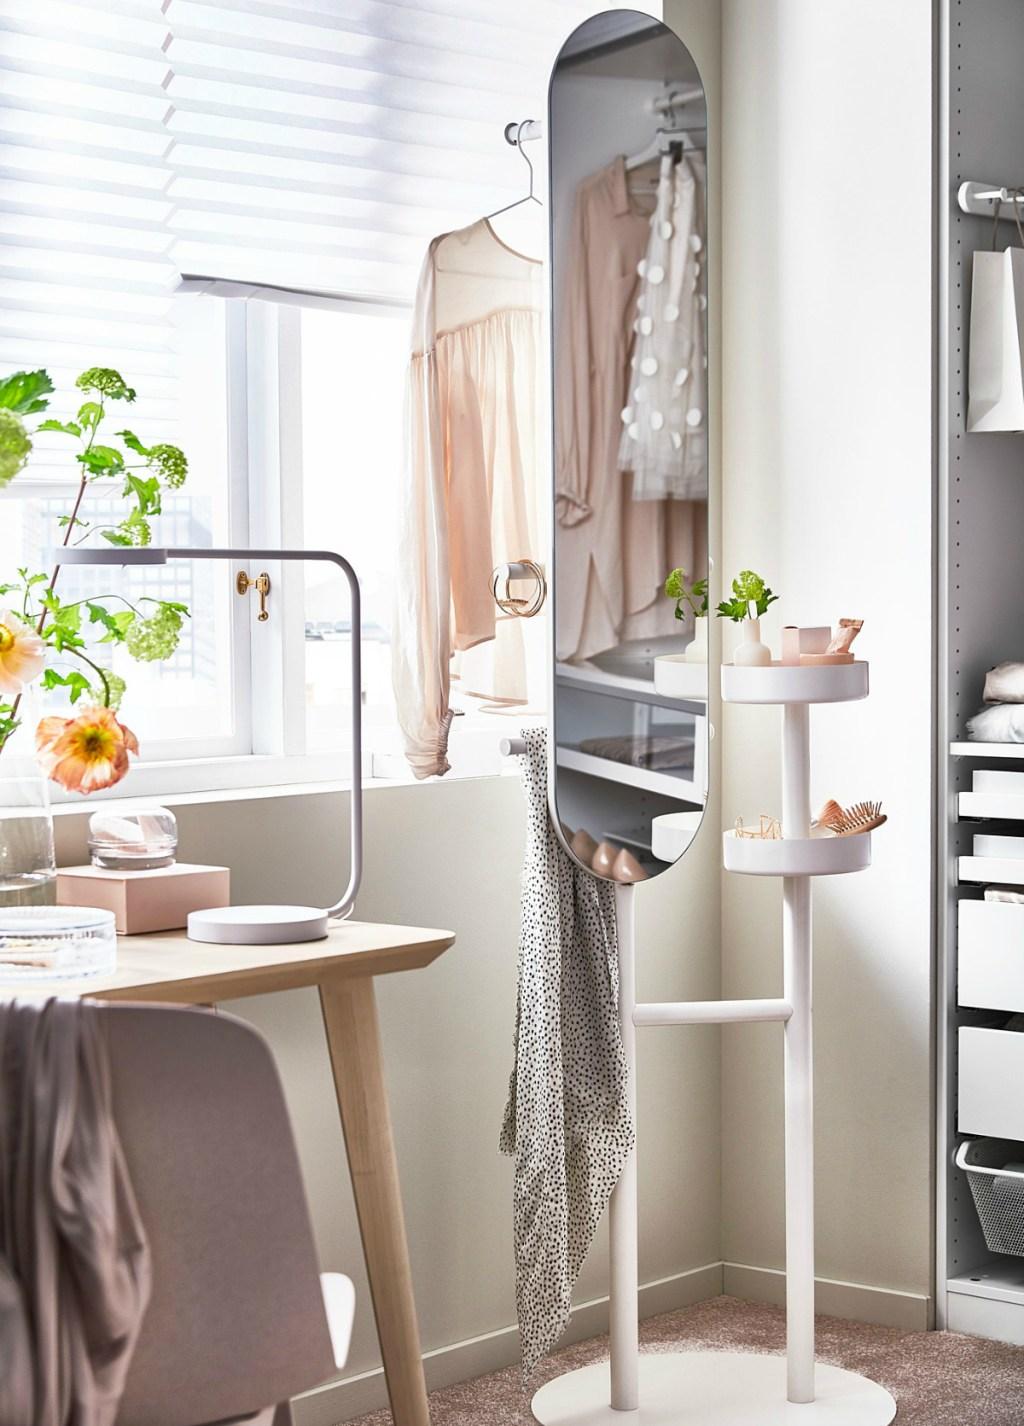 IKEA LIERSKOGEN Valet Stand with Mirror in bedroom